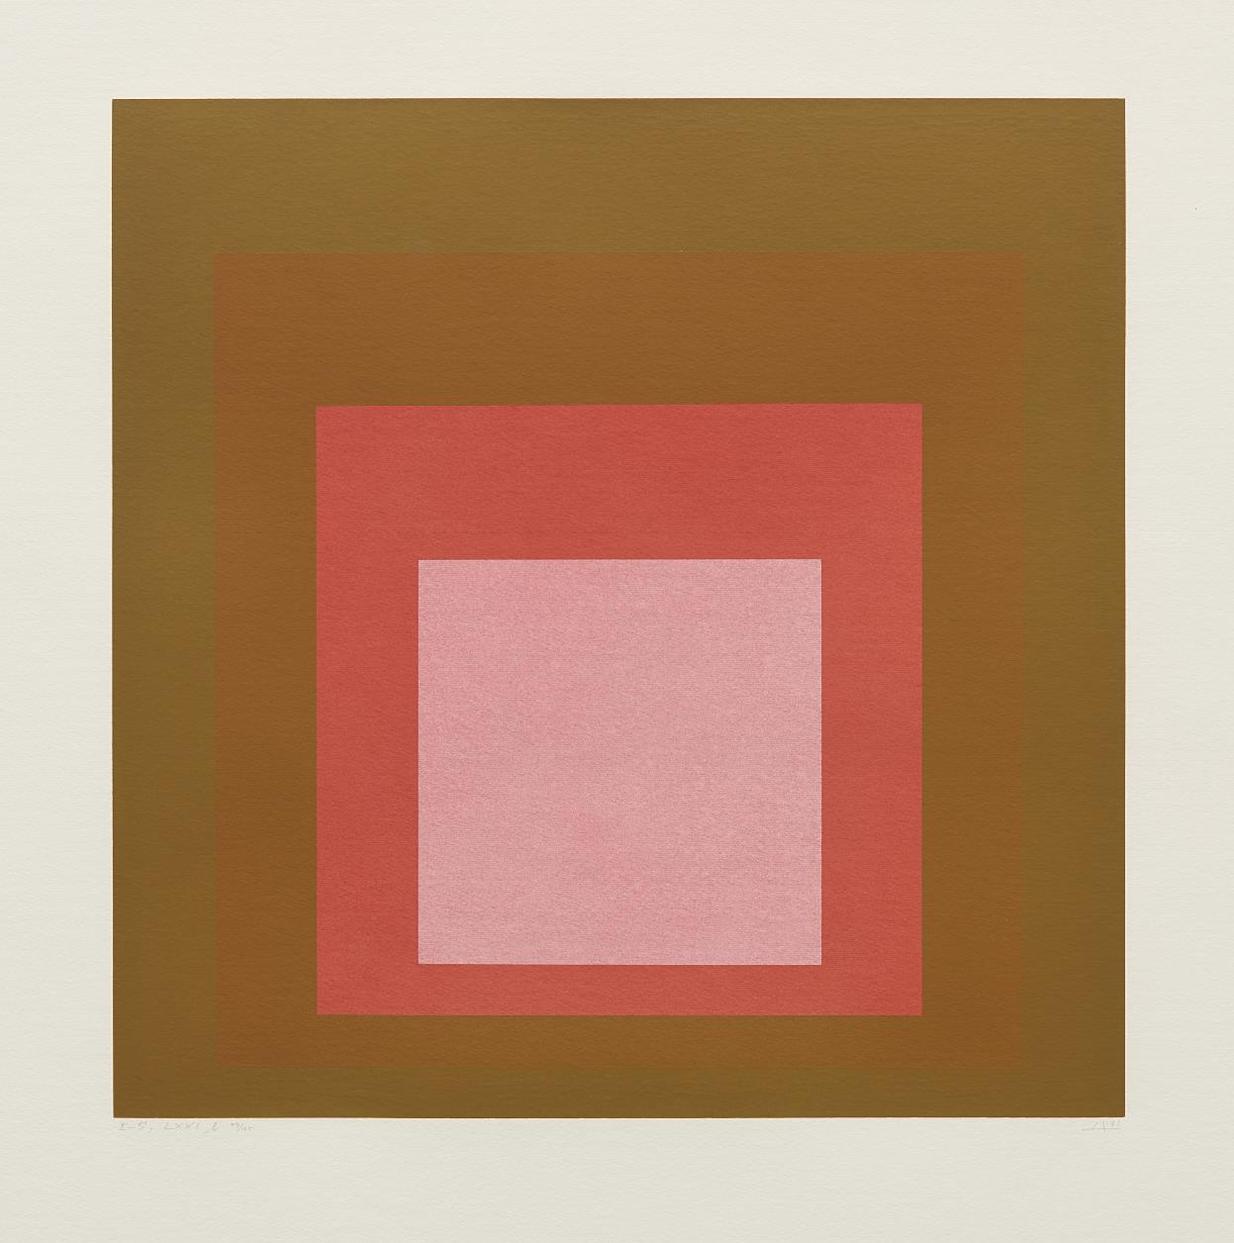 Josef Albers-I-S LXXI B-1971